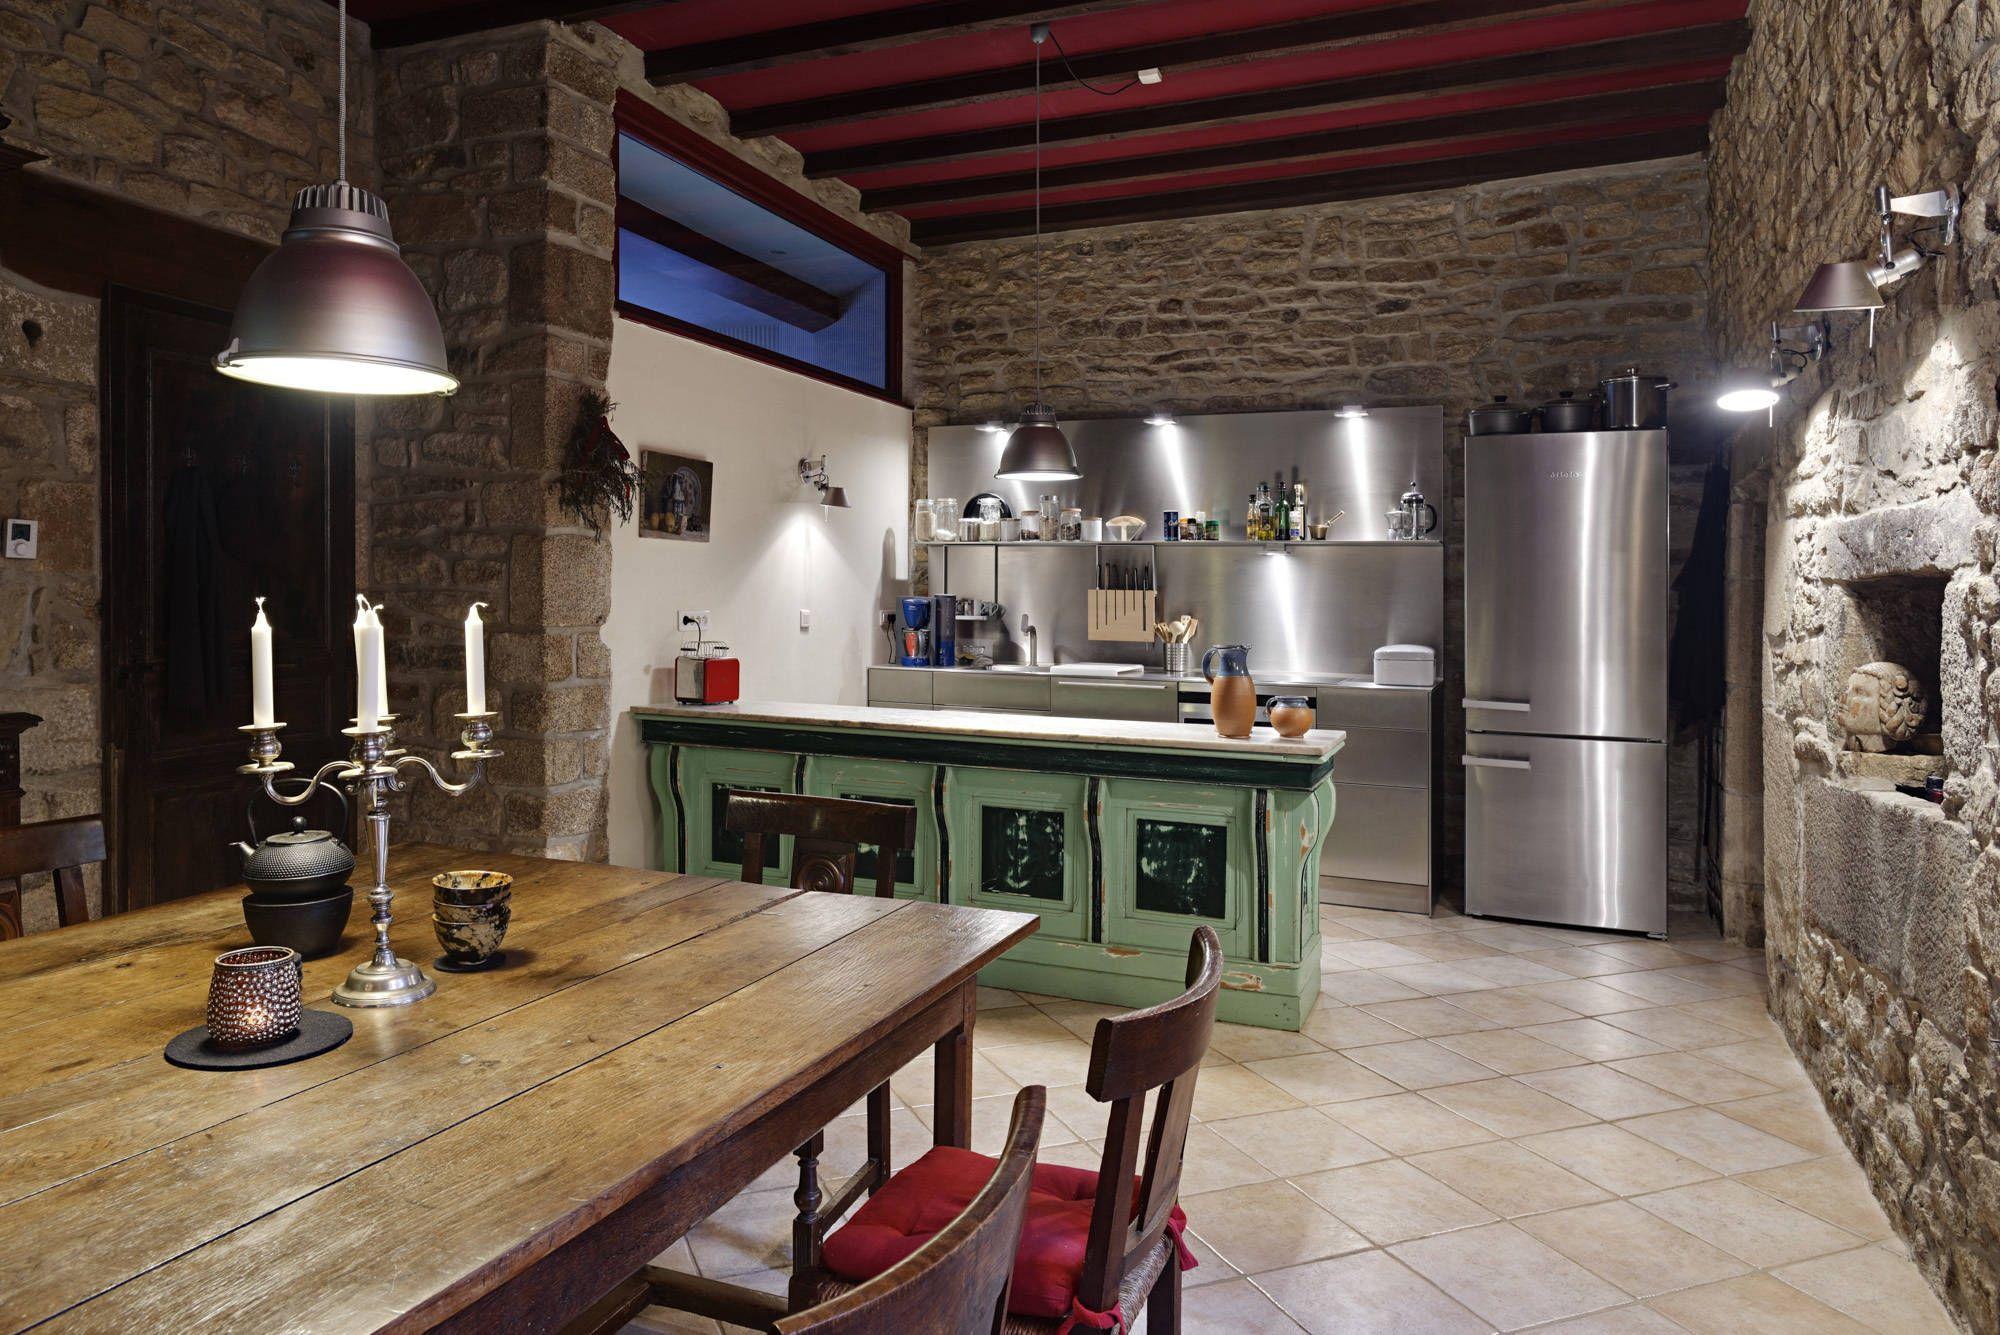 Klassische Küche Bilder: Manoir du Cleuyou | Klassisch, Haus ideen ...